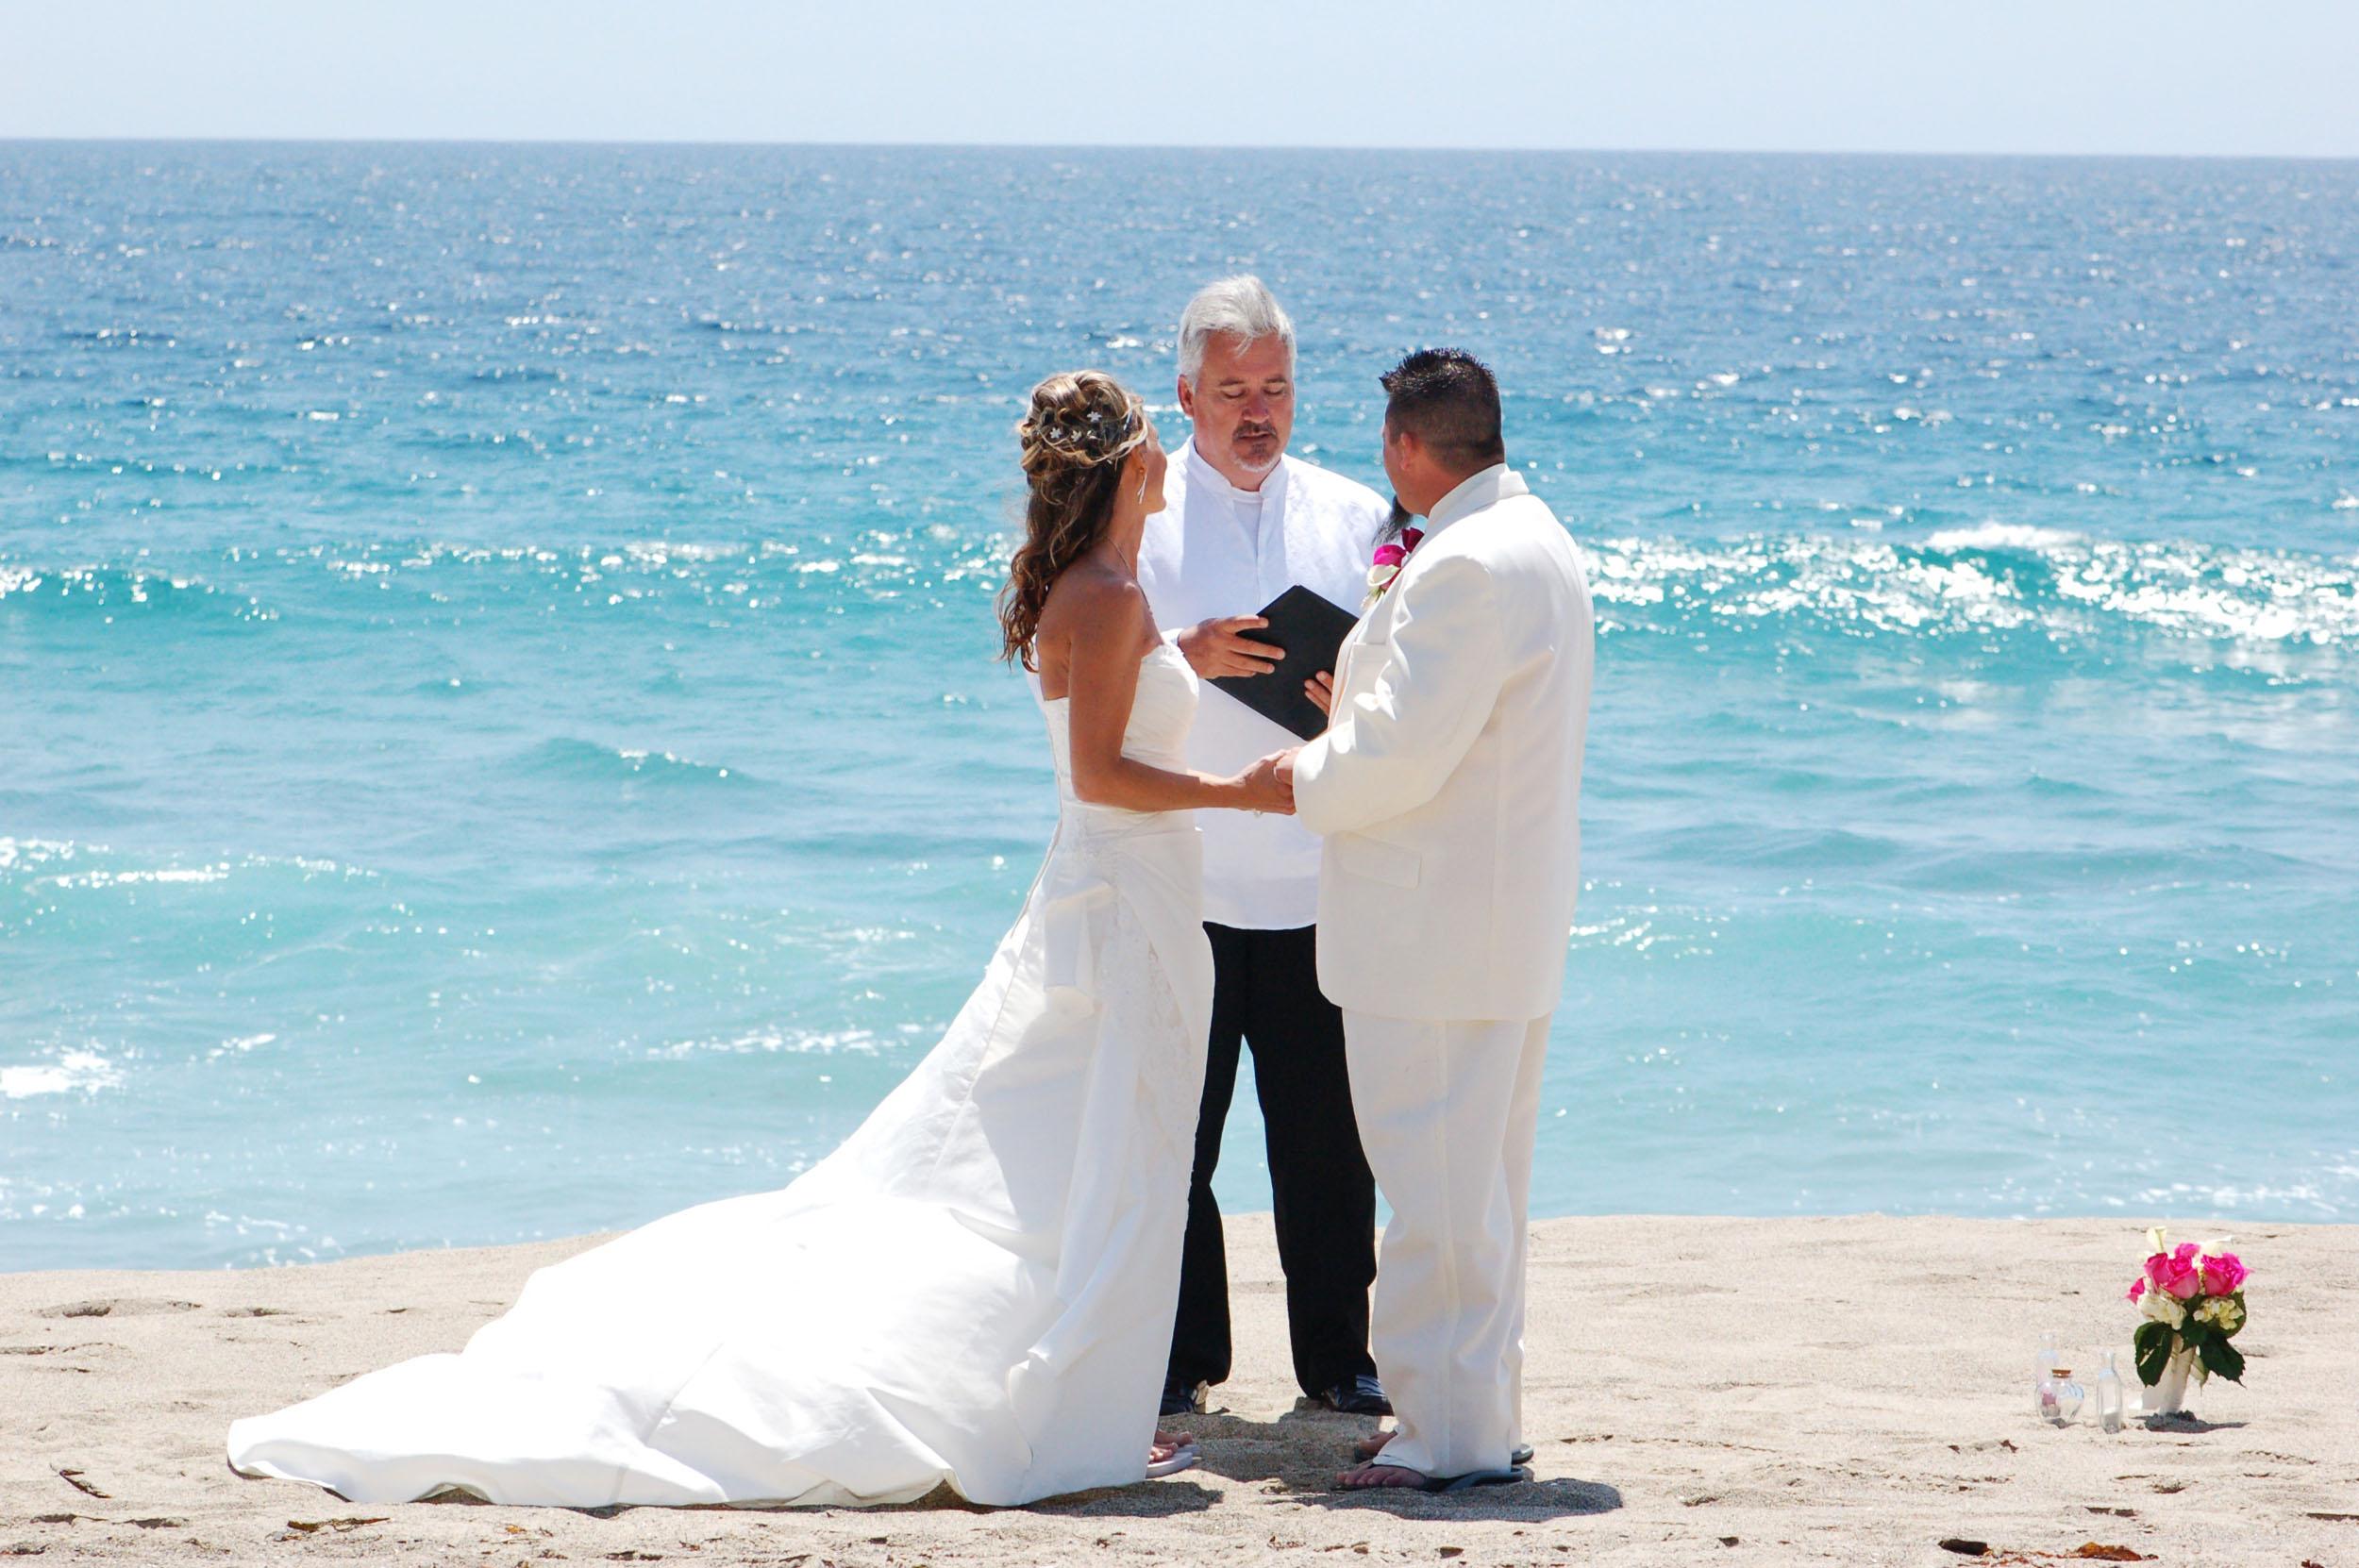 Matrimonio Simbolico En La Playa : Ideas para boda en la playa navas joyeros